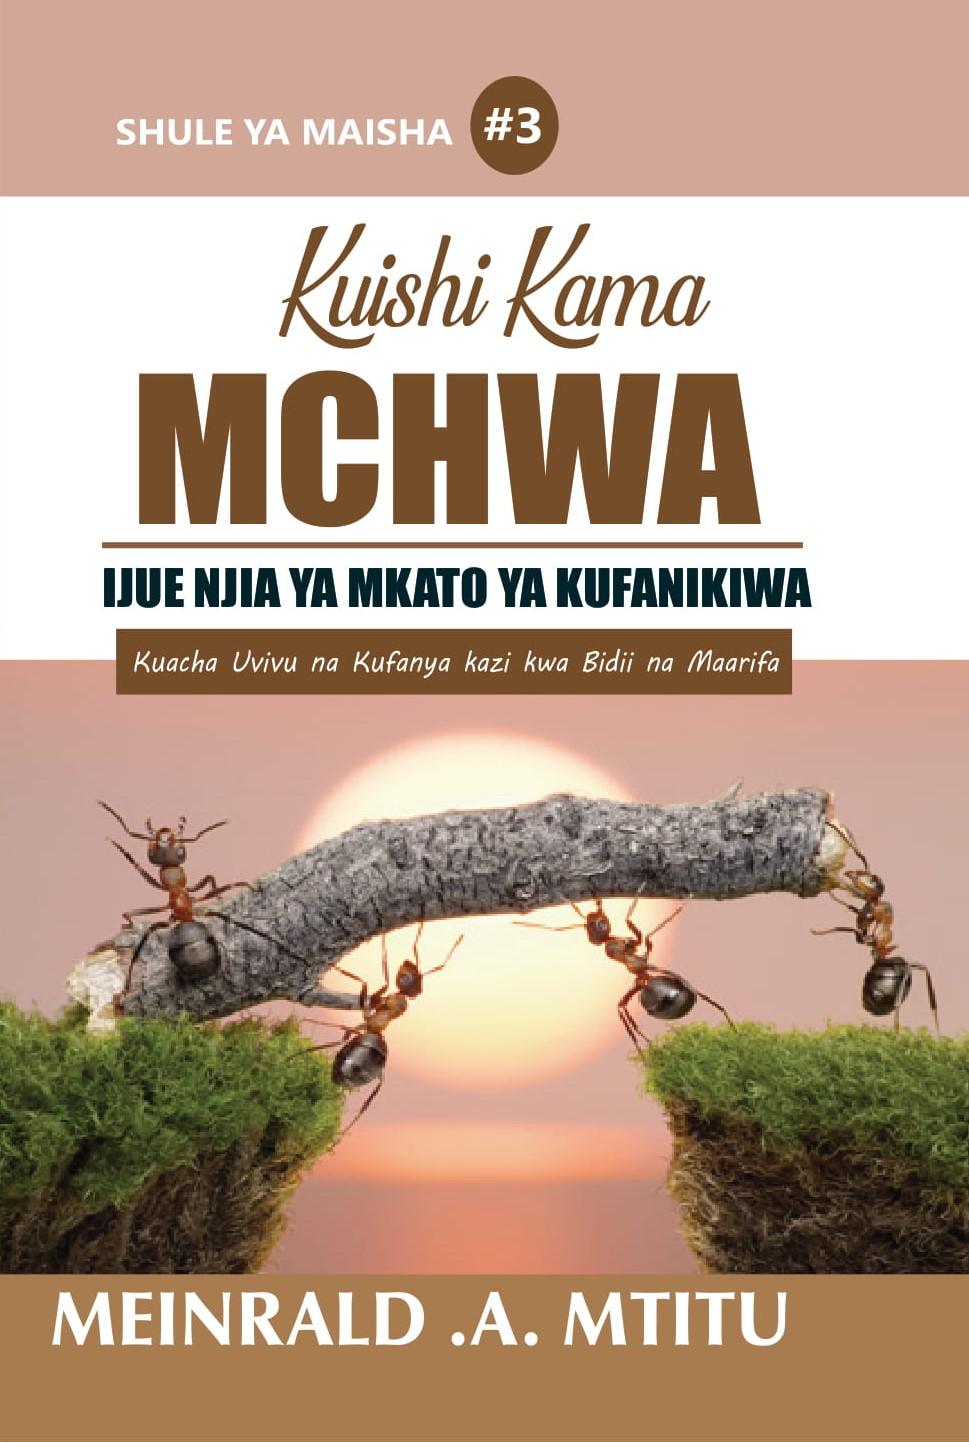 KUISHI KAMA MCHWA